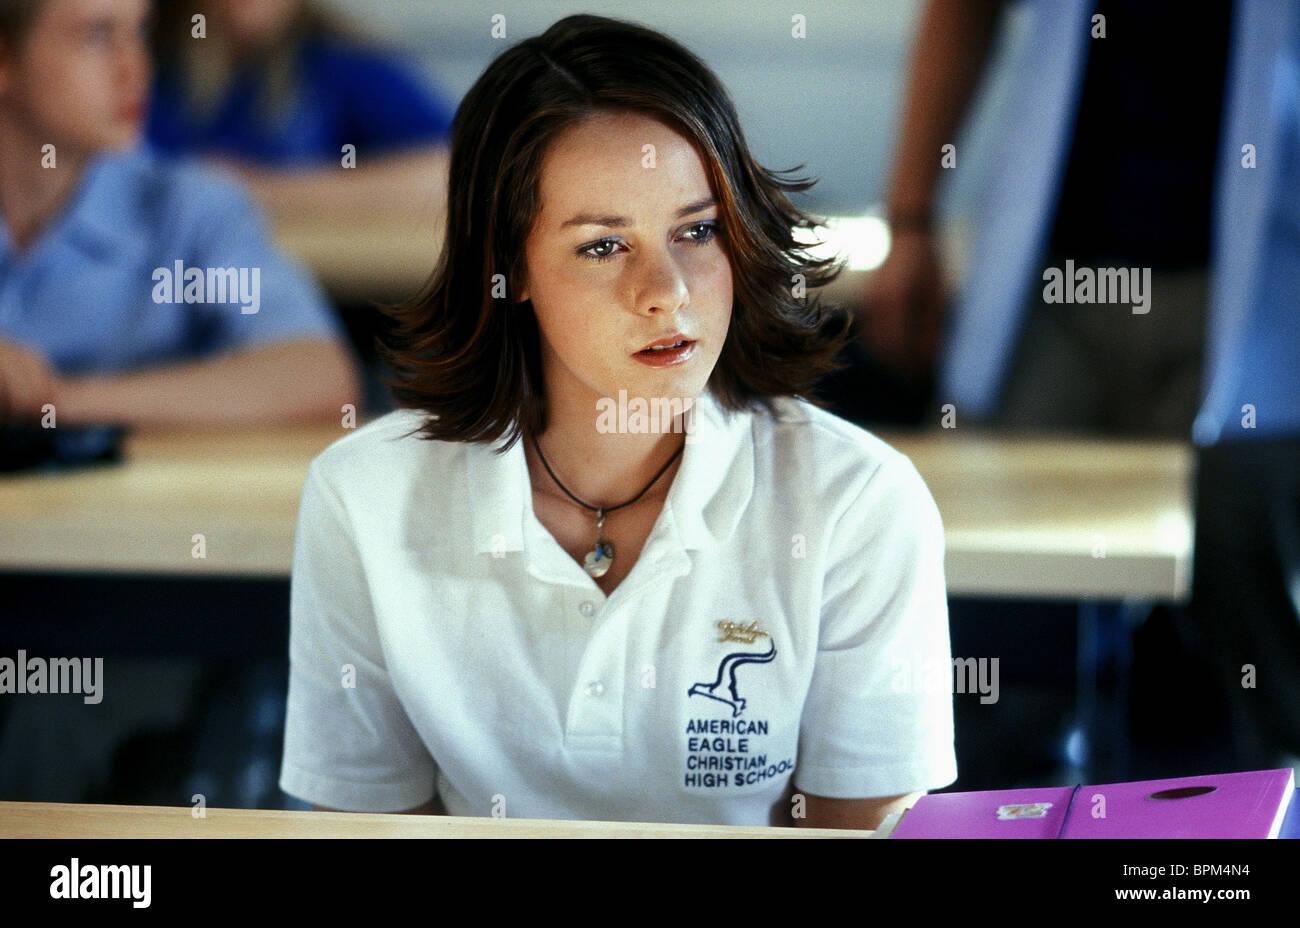 JENNA MALONE SAVED! (2004) - Stock Image